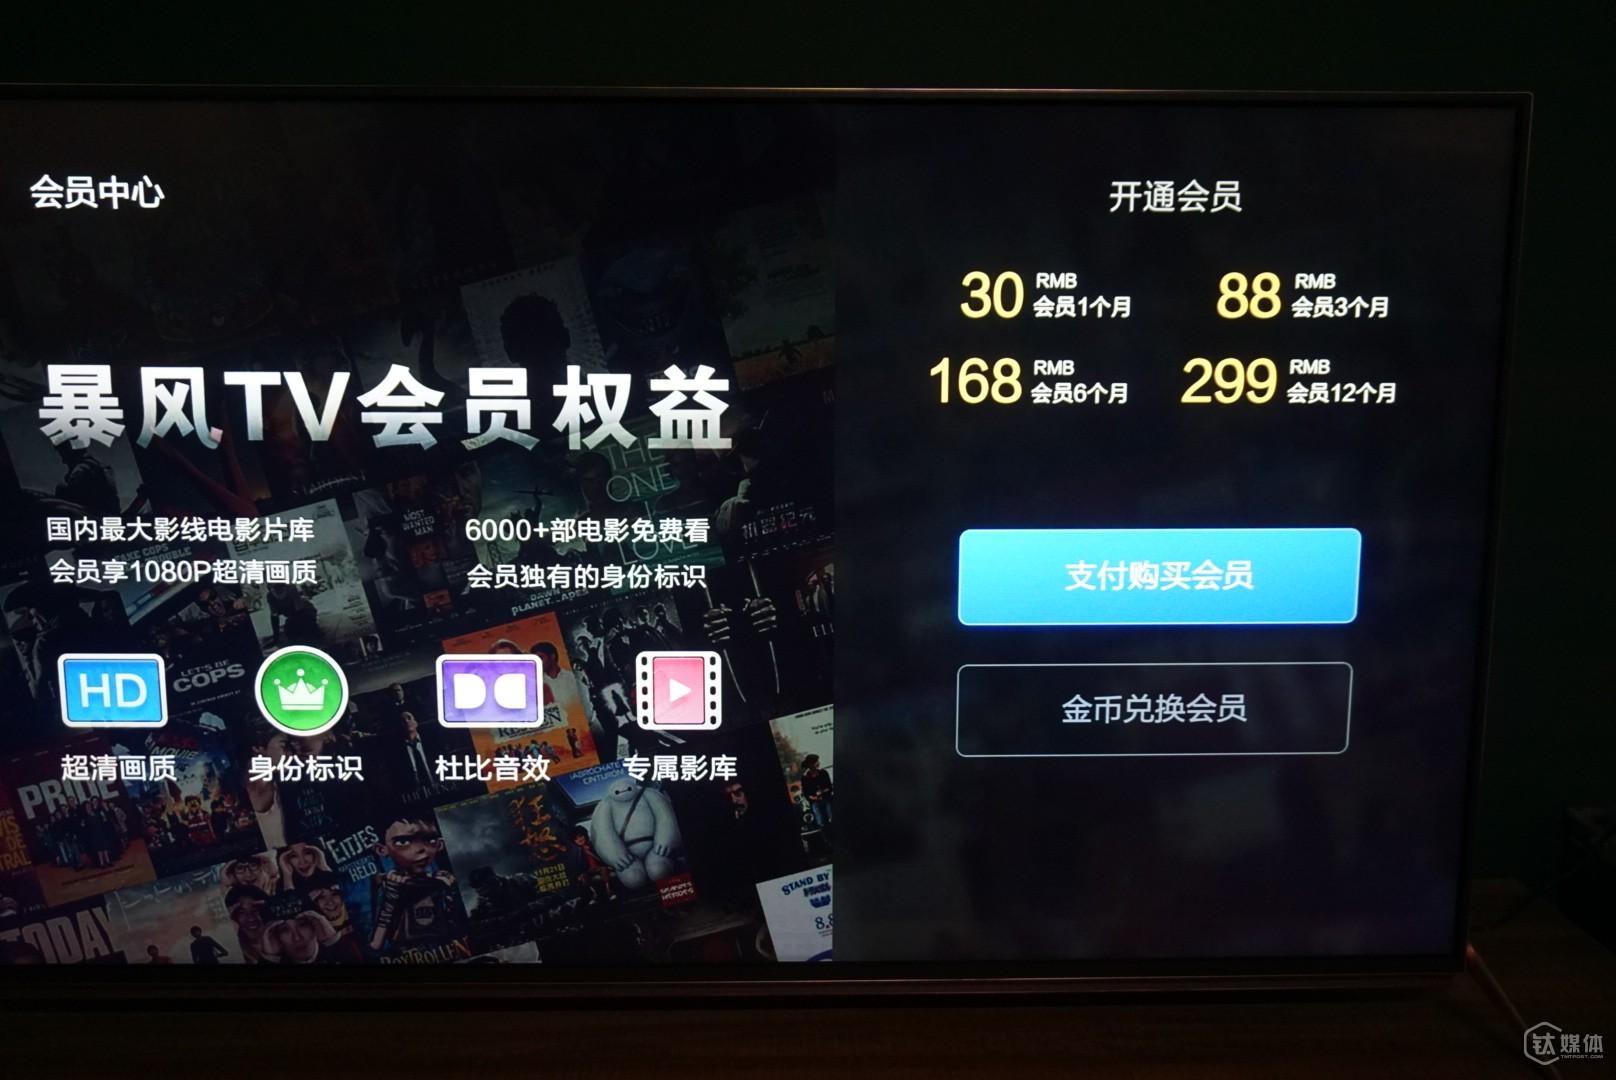 用户首次激活使用的时候回自动获赠一个月暴风VIP,不过在实际的试用中我们发现,暴风TV会员不同于银河会员,虽然一年的价格同为299元,但是在观看银河互联网电视中VIP内容的时候,仍会提示通过微信登陆等方式进行会员购买。